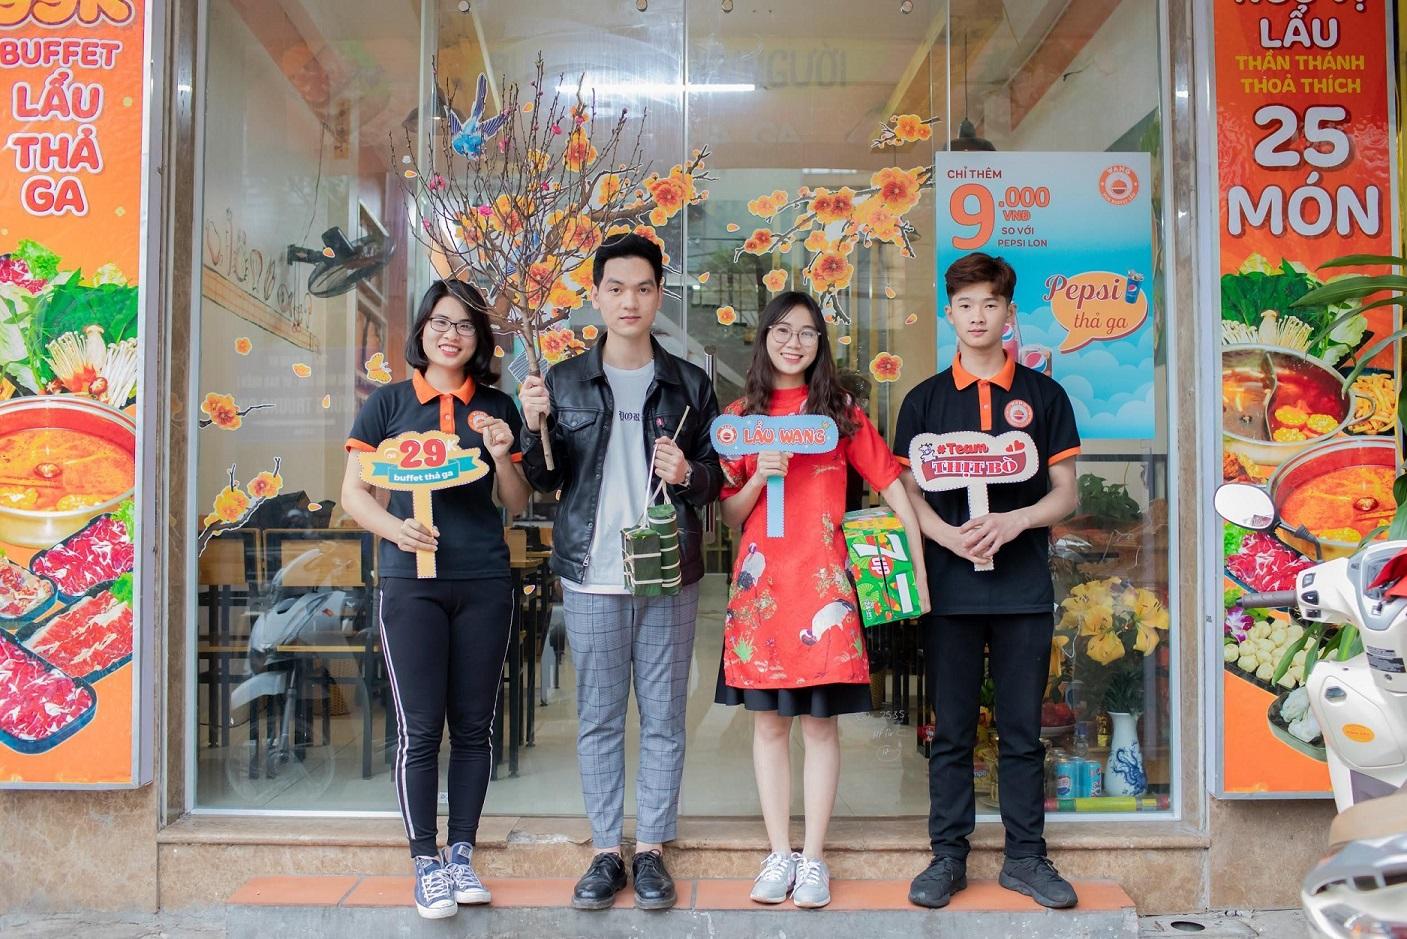 Đội ngũ nhân viên của Lẩu Wang- Vua Buffet Lẩu 3